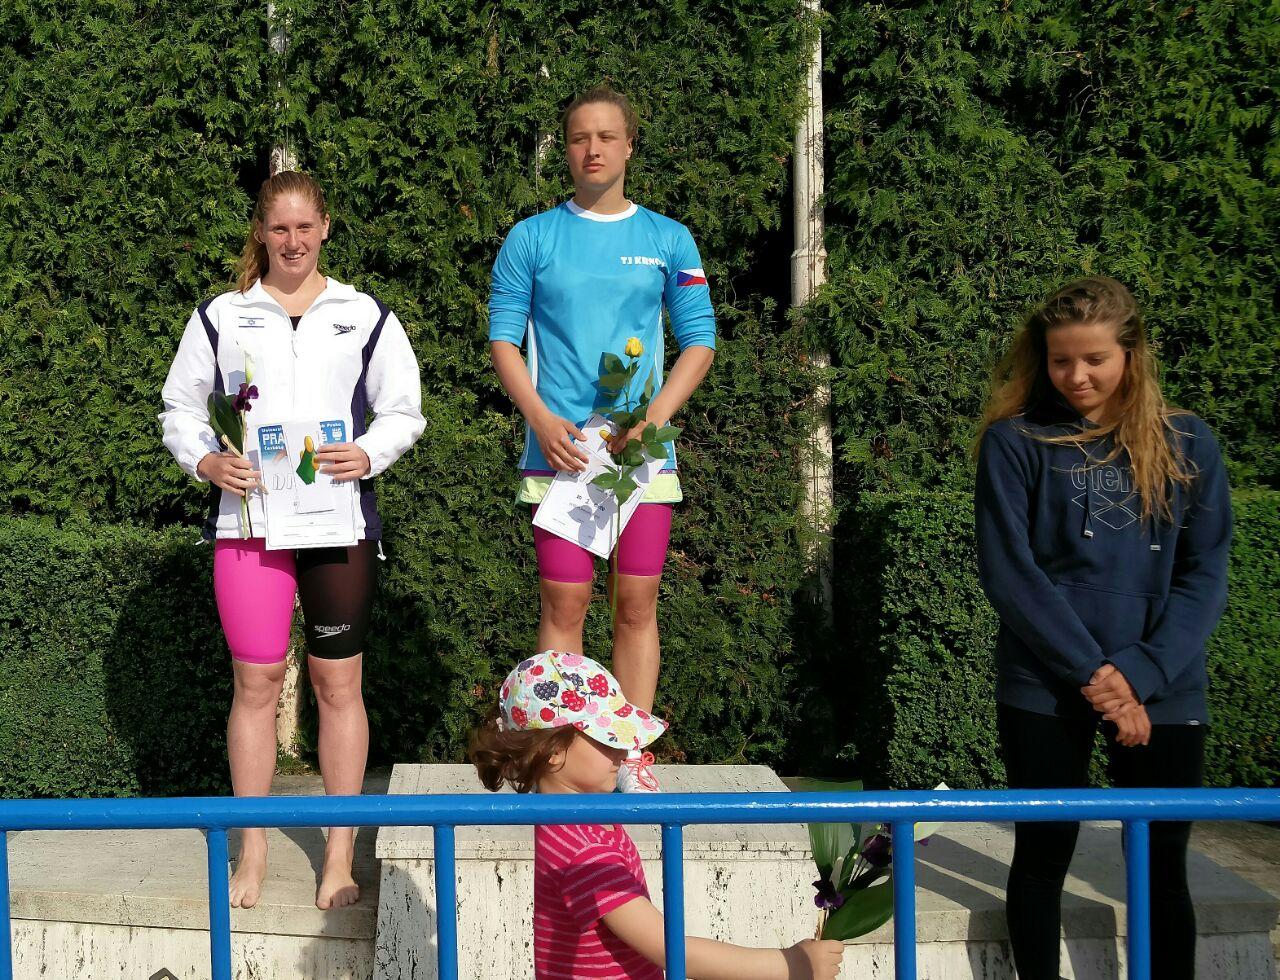 סגל אליפות אירופה בתחרות בפראג